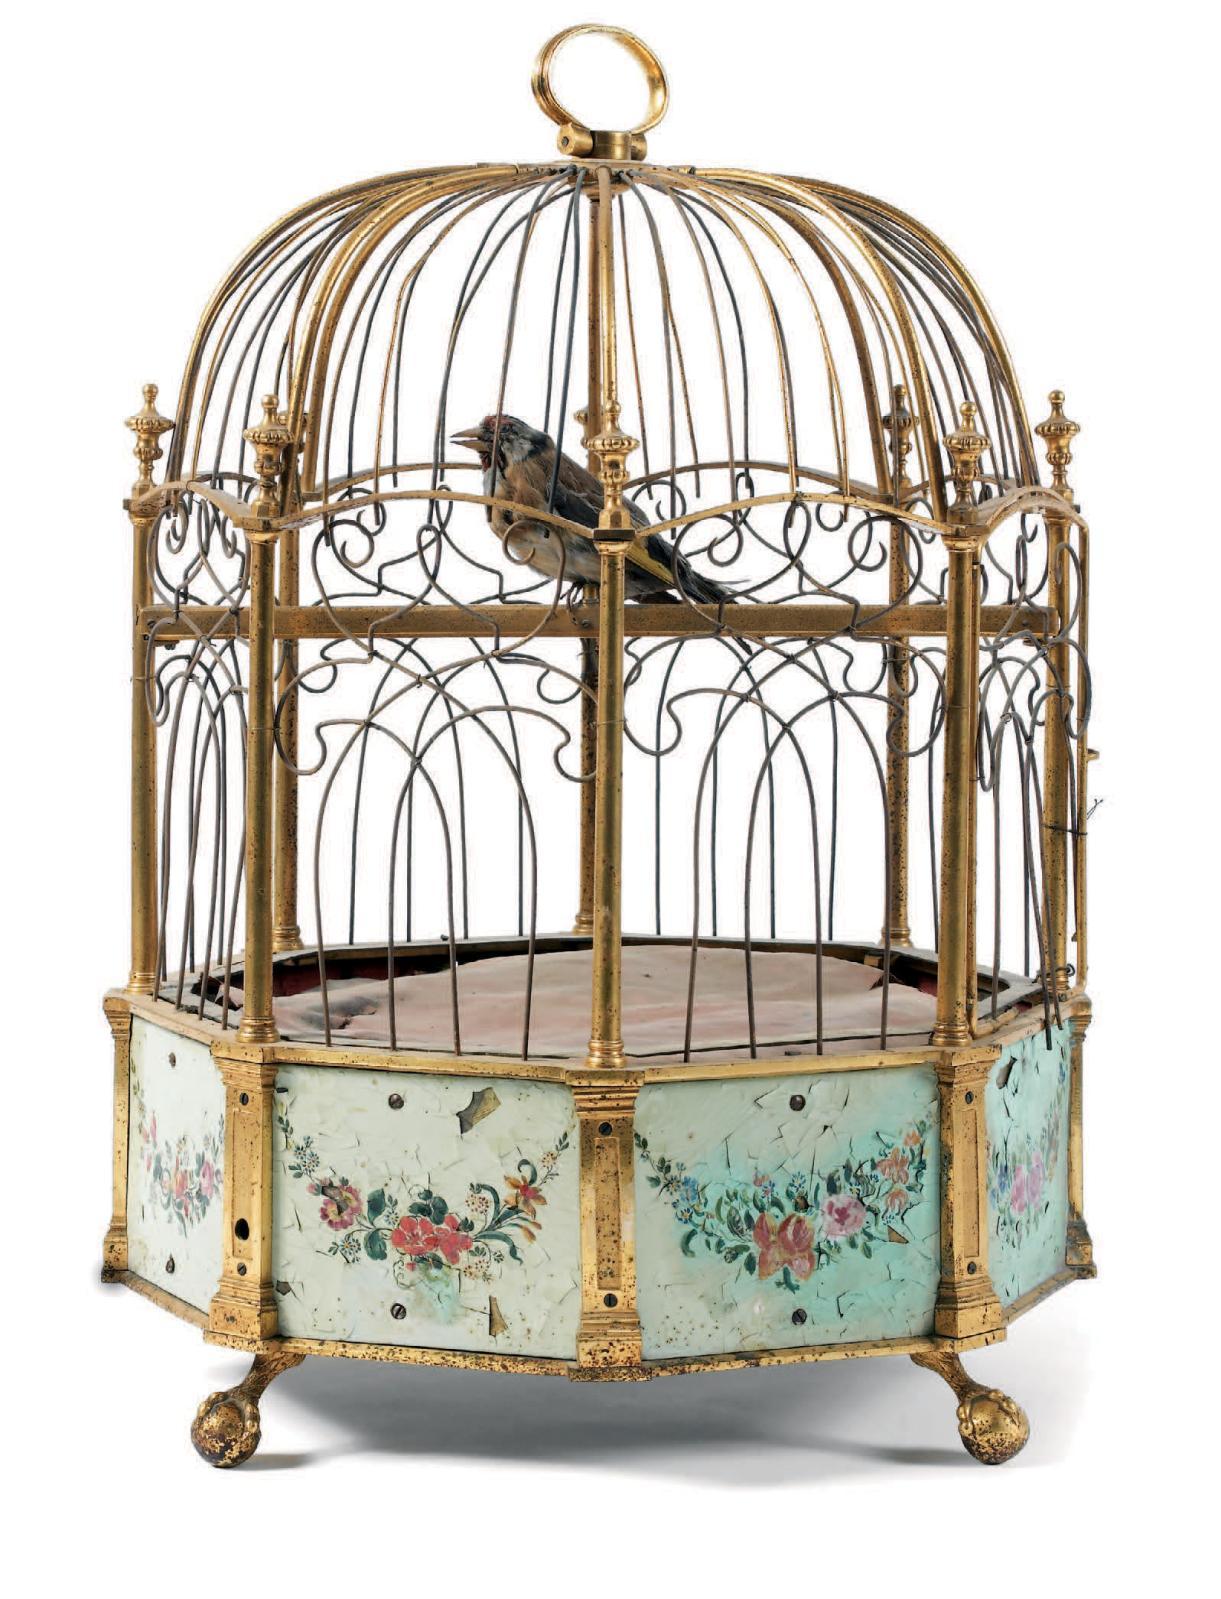 pendule-oiseau-siffleur-chanteur-automate-histoire